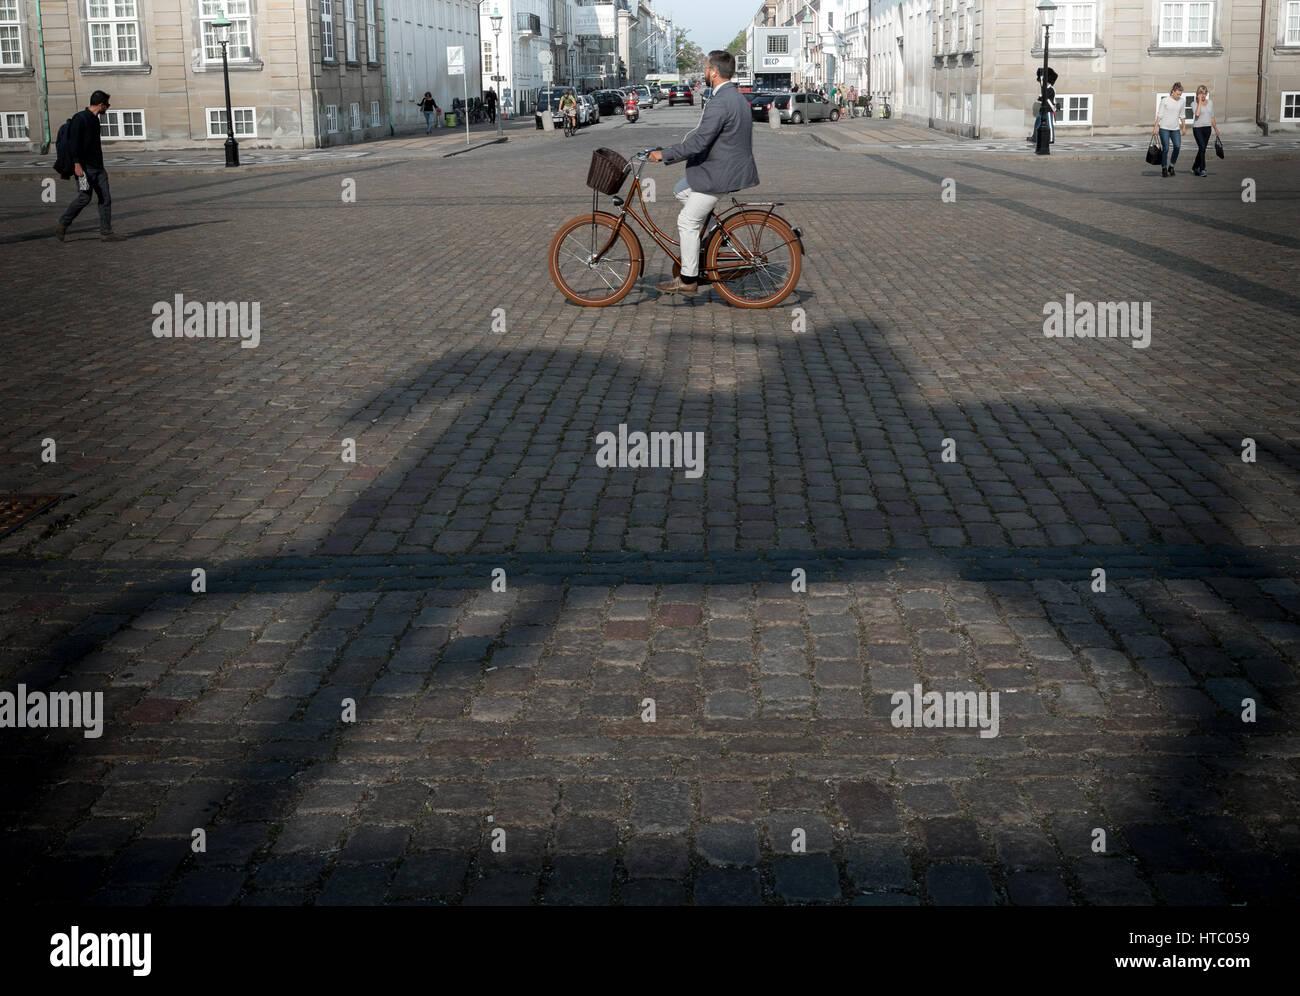 Stylish cyclist passes shadow of the king on horseback, Amalienborg, Copenhagen, Denmark - Stock Image